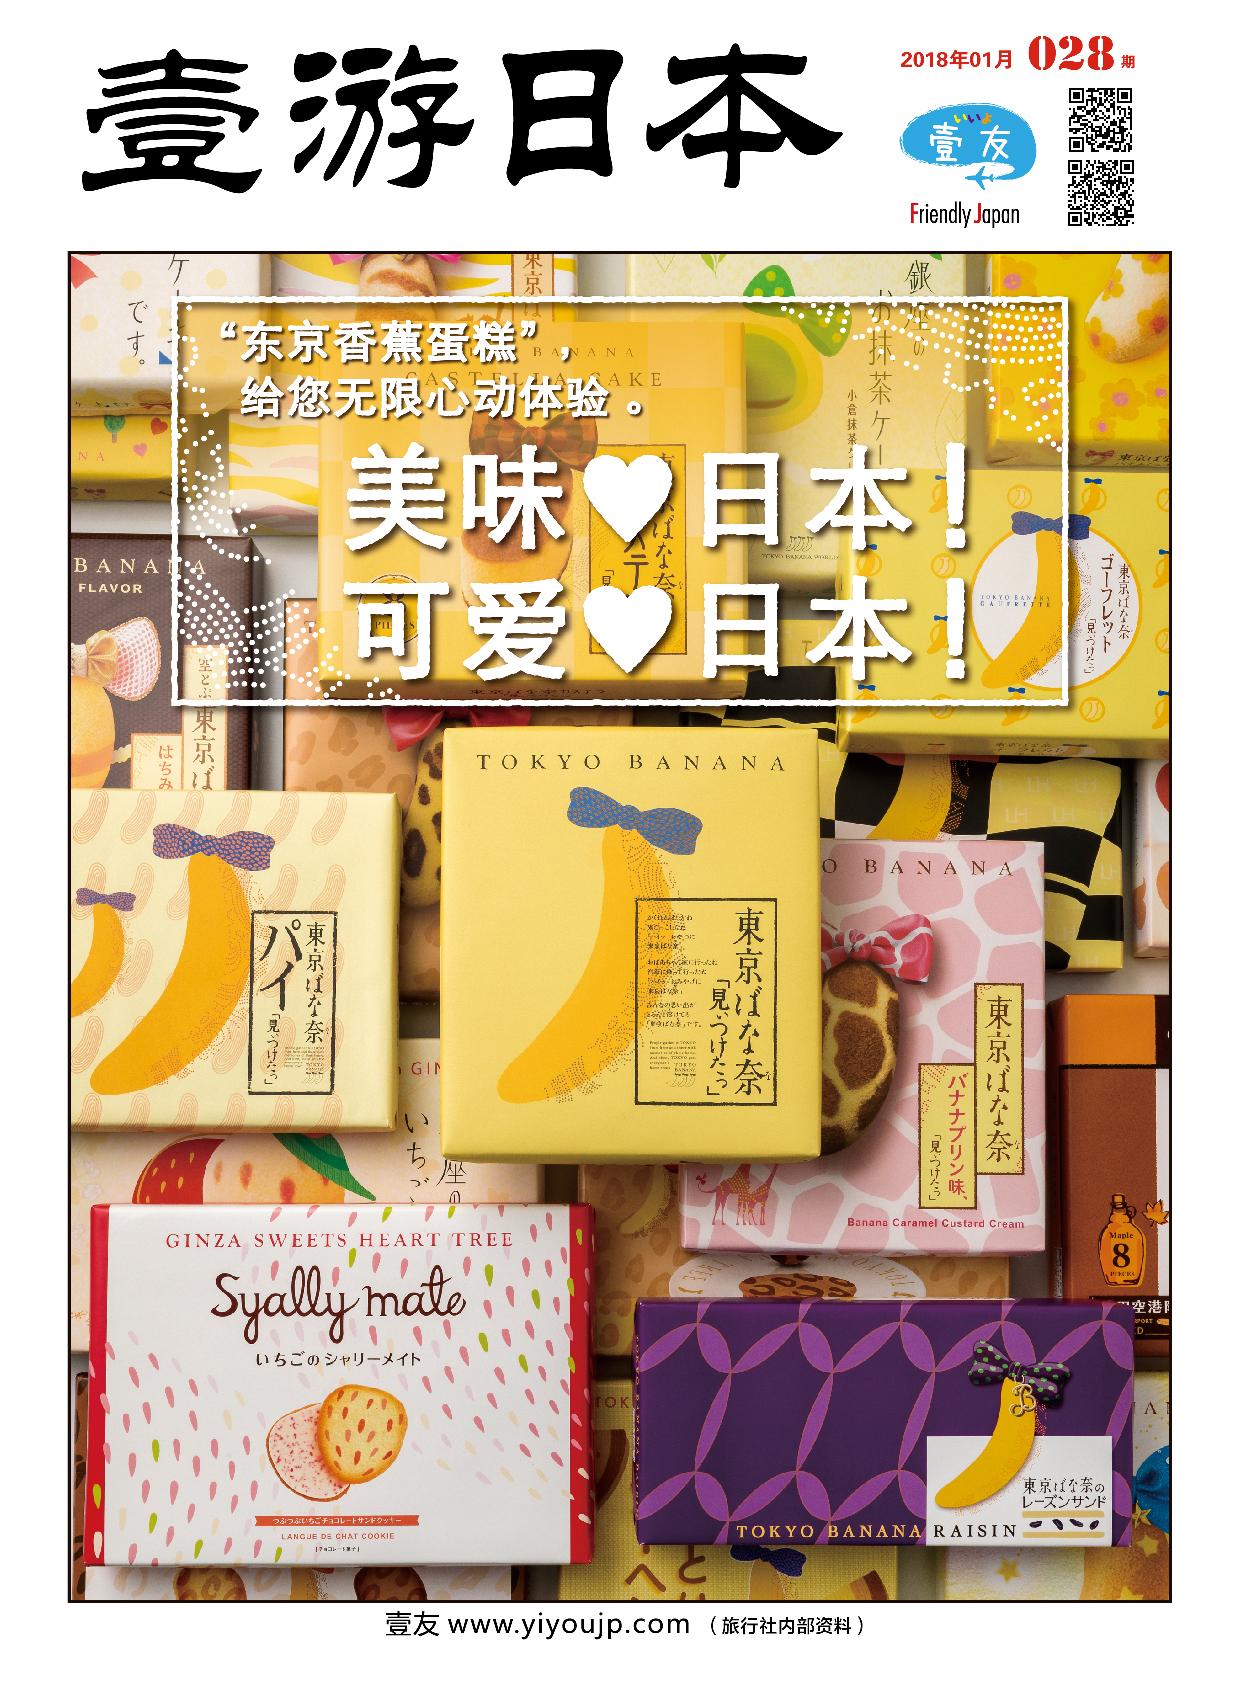 28th-封1 东京香蕉蛋糕